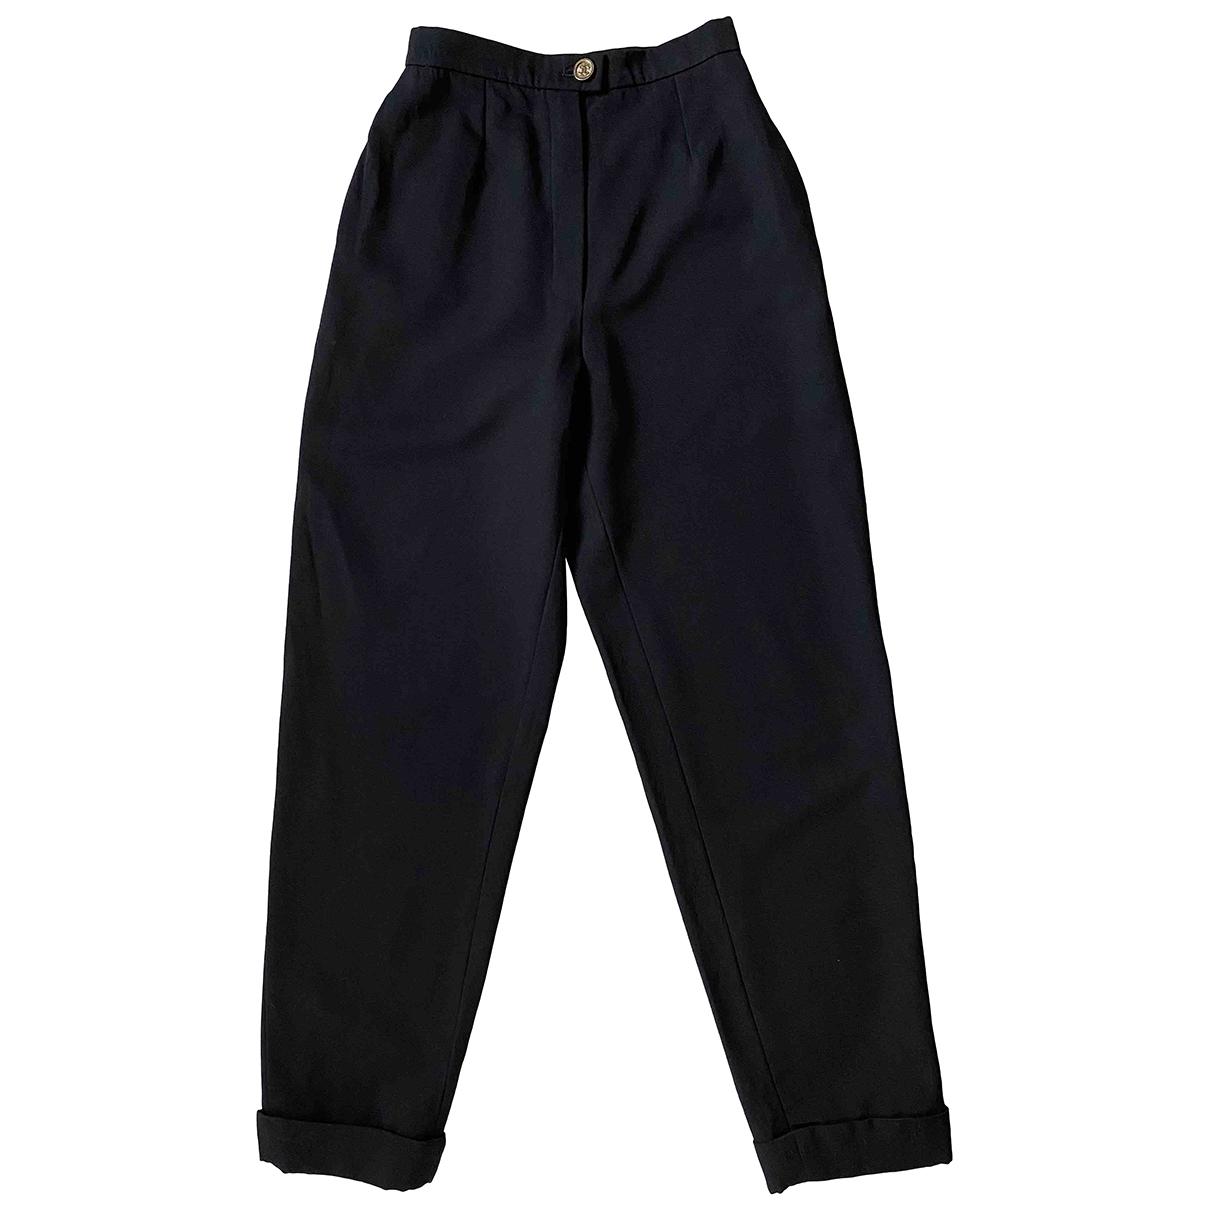 Chanel \N Black Wool Trousers for Women 34 FR